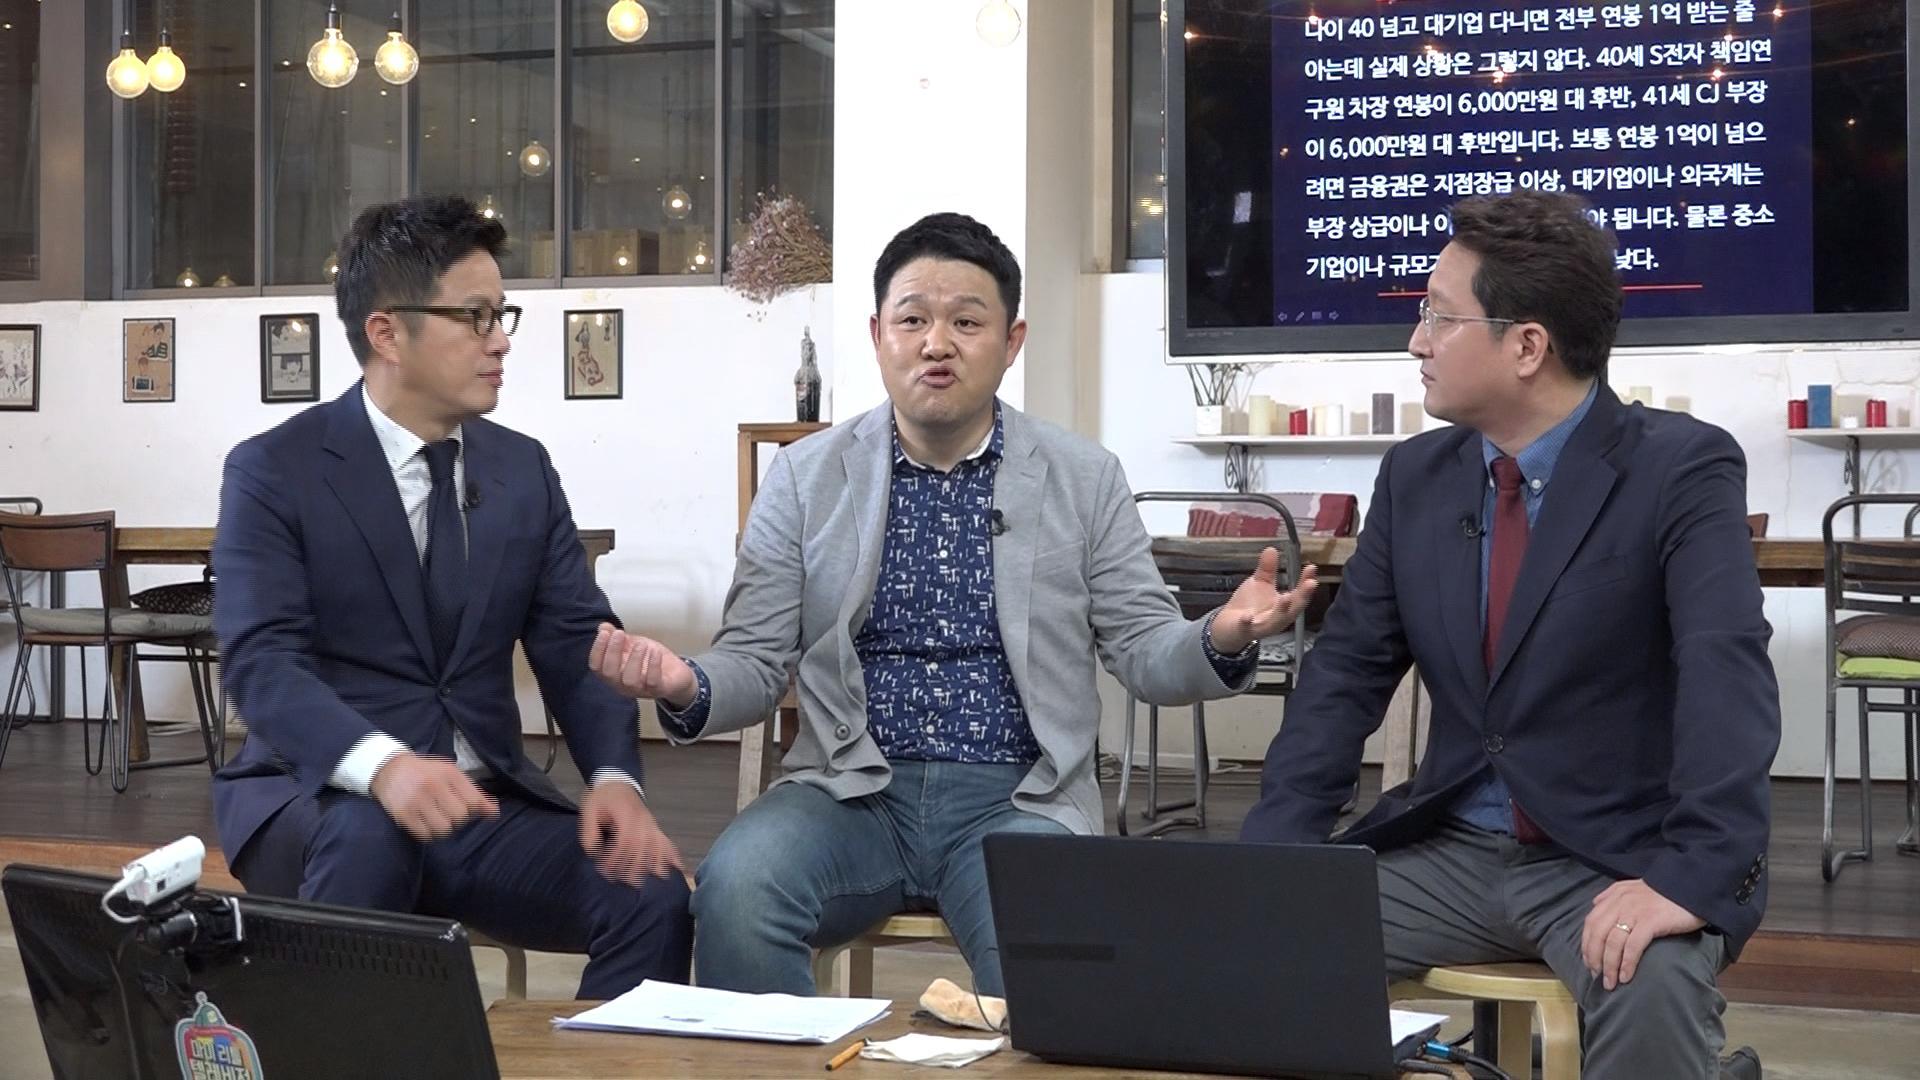 <마이 리틀 텔레비전> 김구라, 취업난 속 모든 직업 파헤친다!